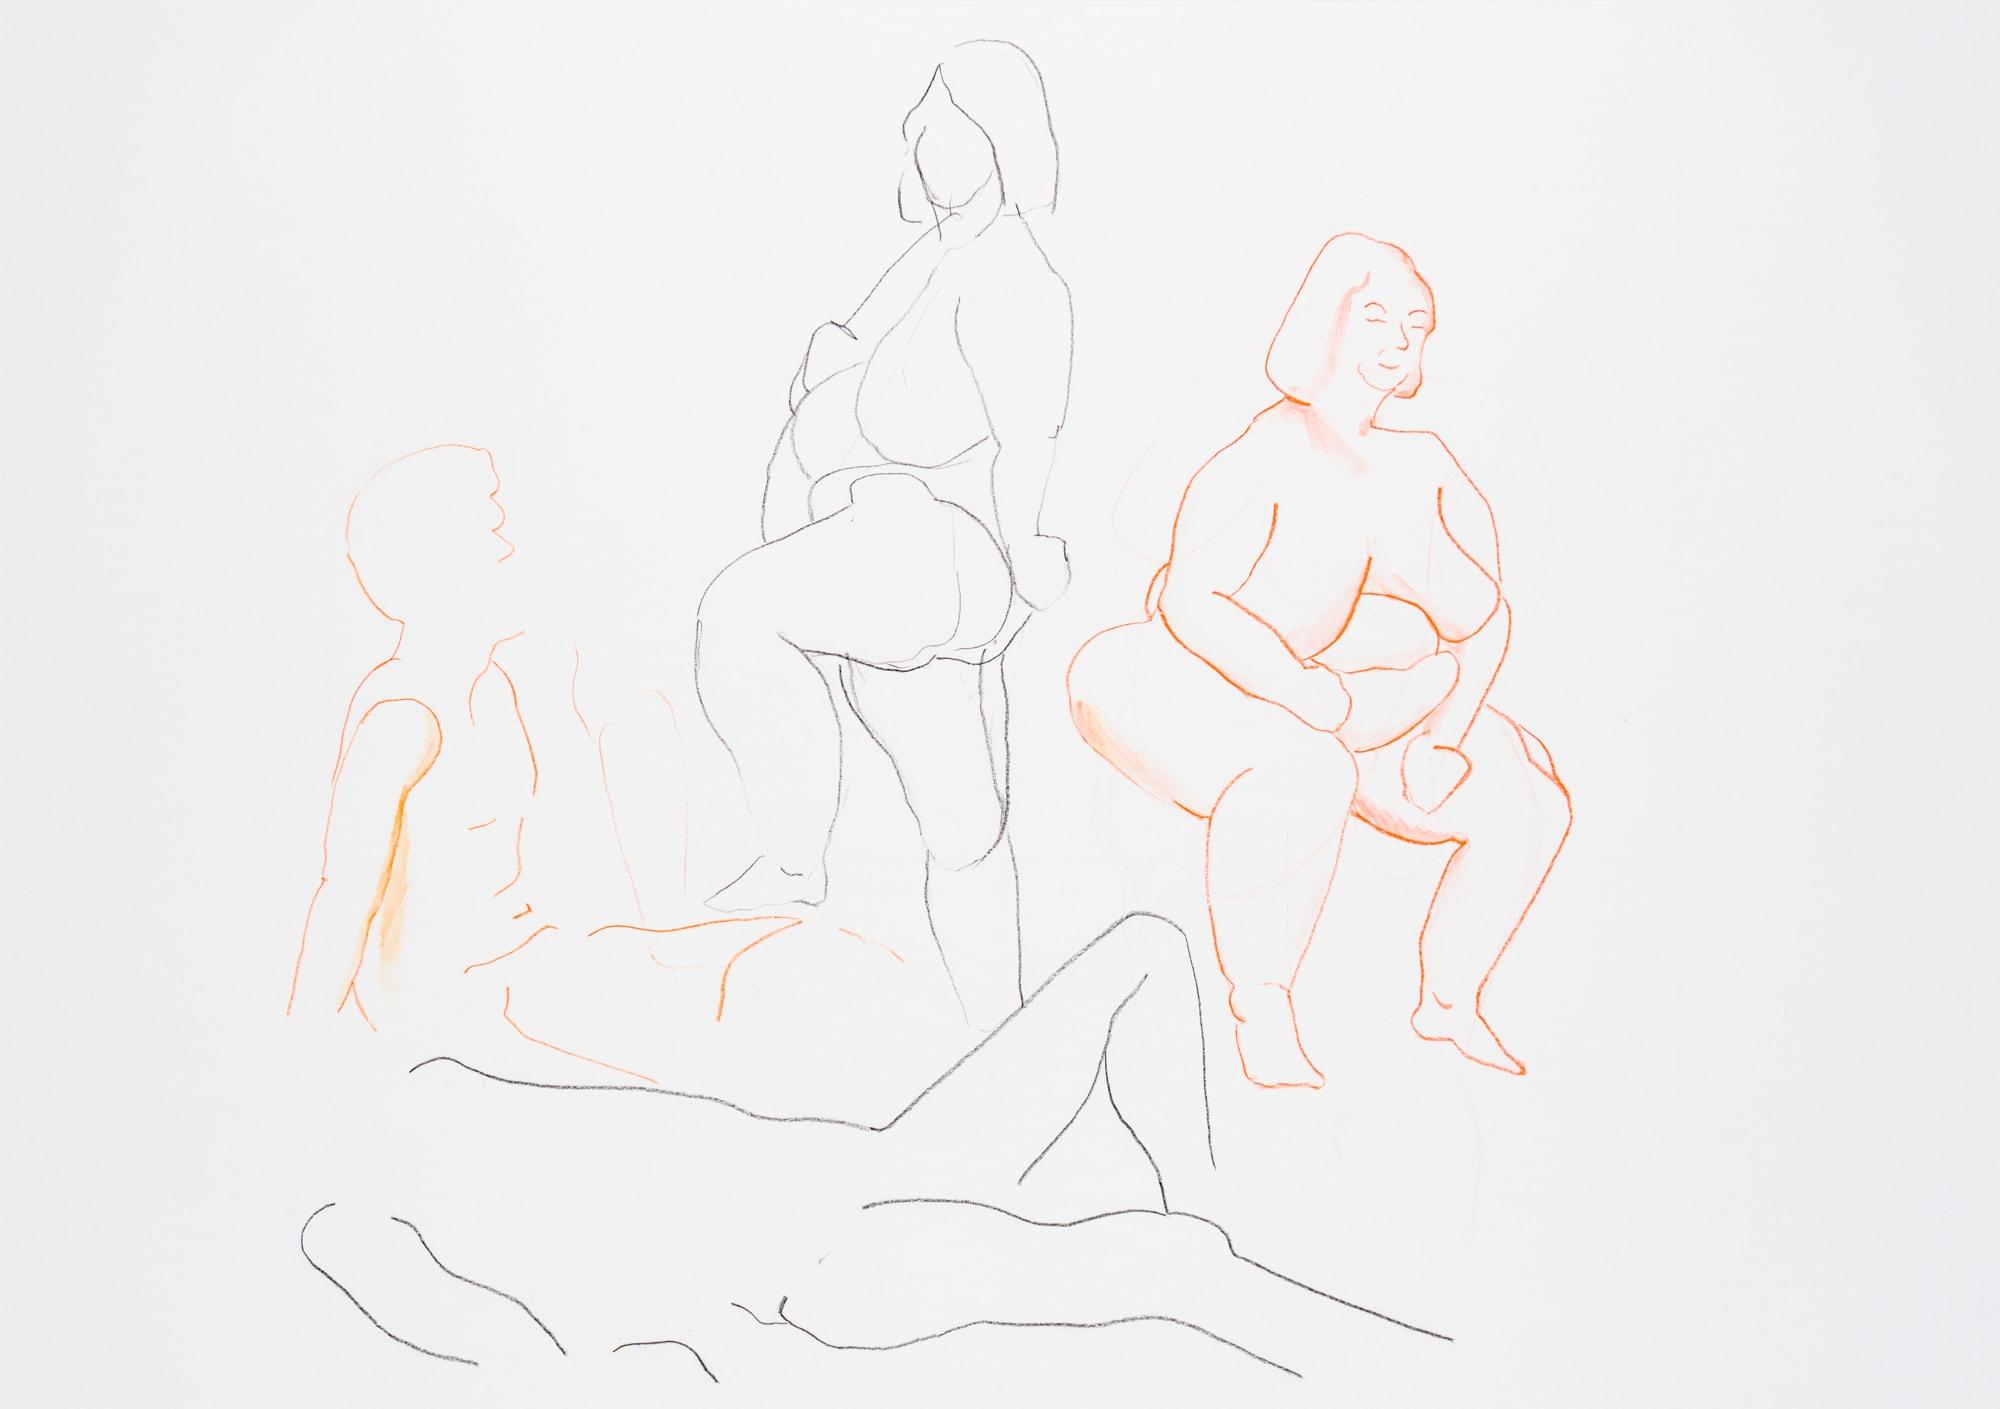 Zeichnung, Farbstift auf Papier, 59,4x42cm, Frauenakte, Künstlerin: Franziska King